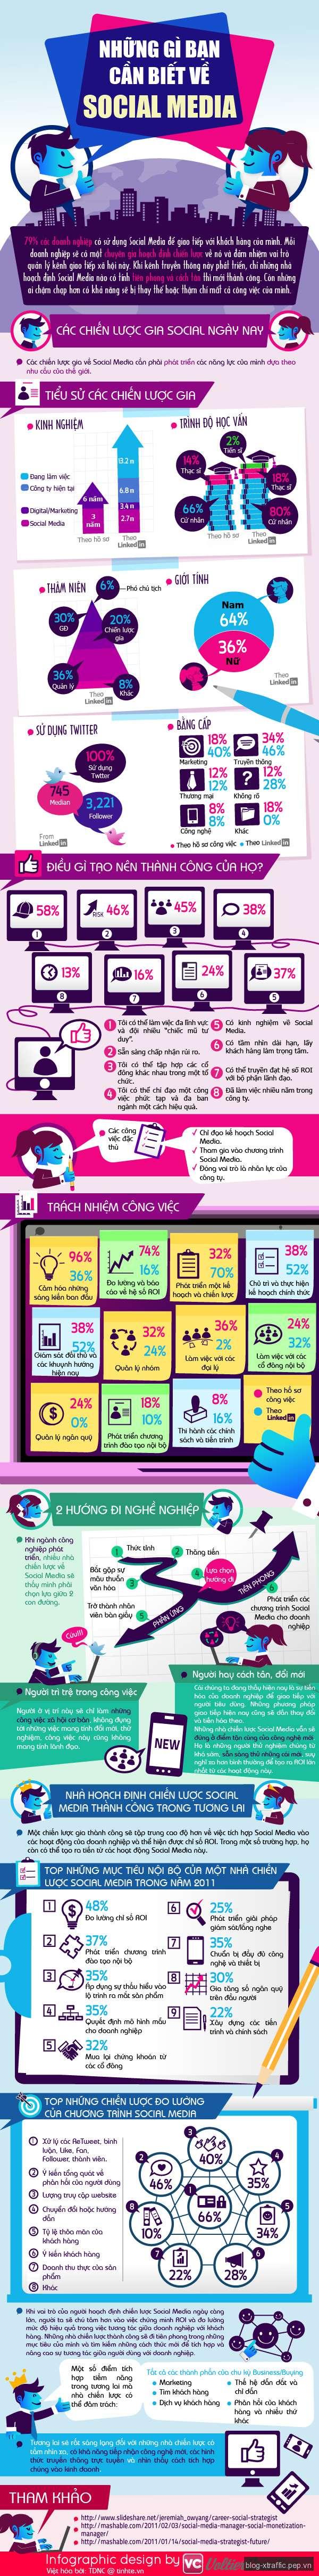 [Infographic] Những điều cần biết về Social Media - infographic Social Media - Social Media Marketing